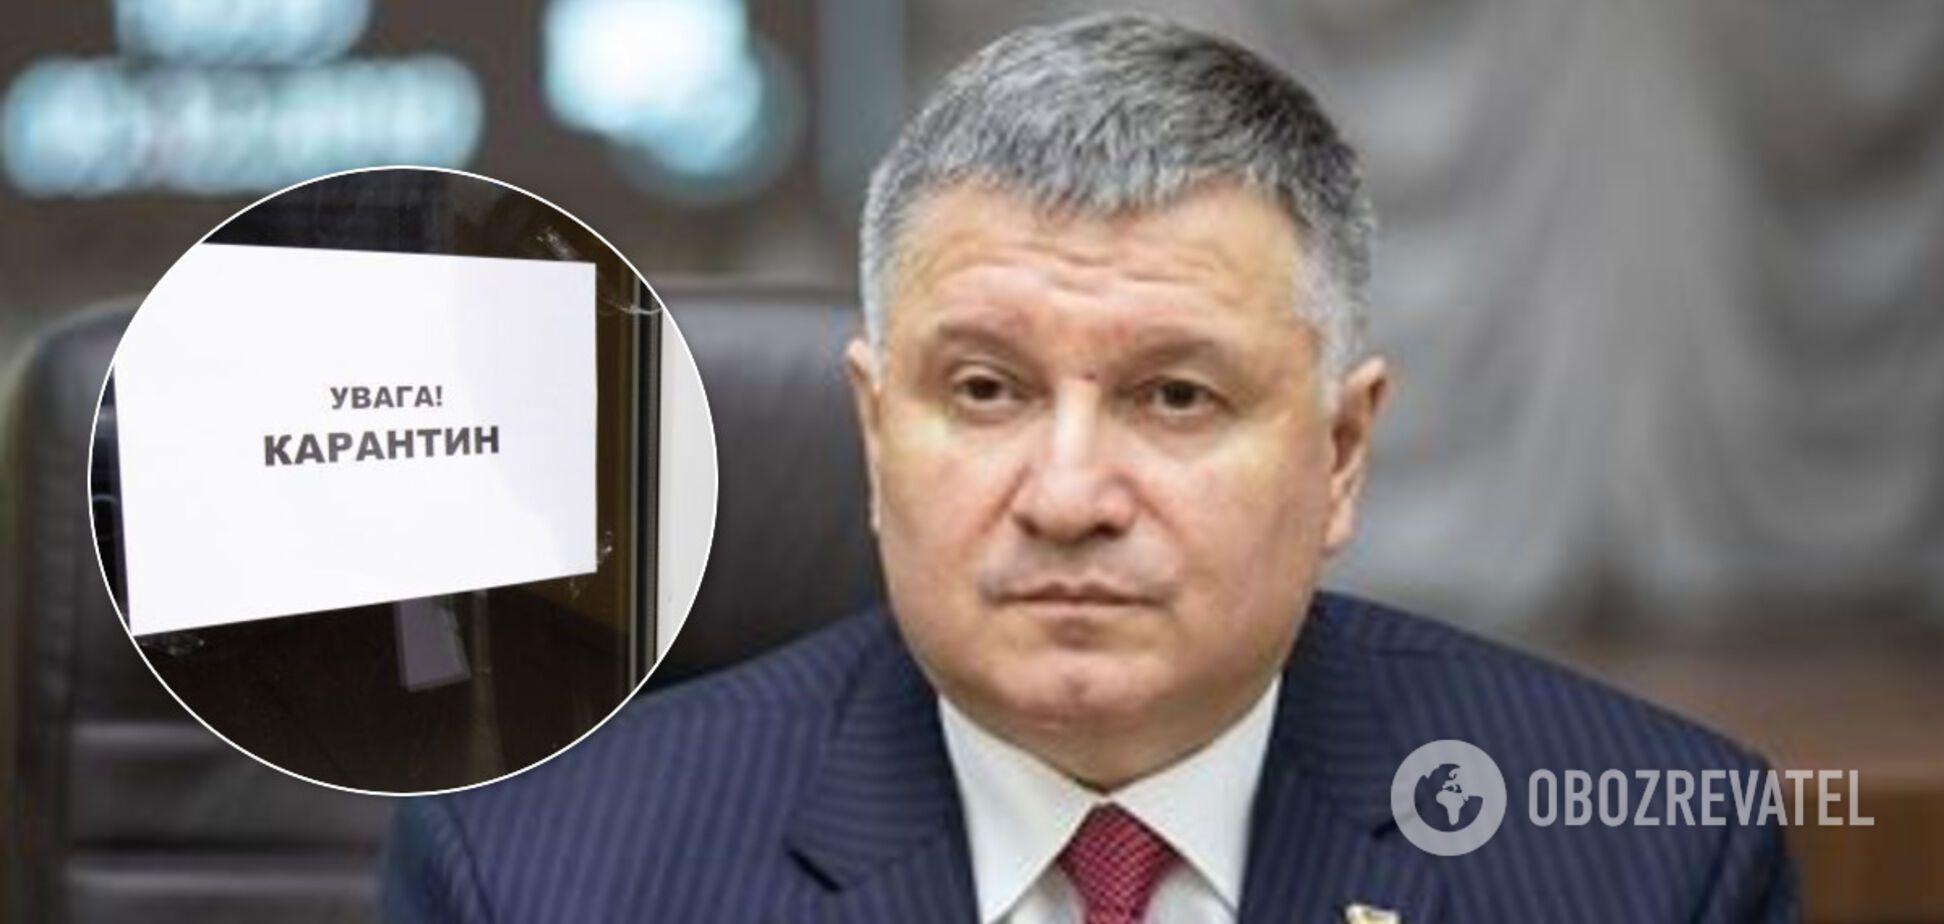 Безробітні в Україні отримають фінансову допомогу: Аваков розповів про нововведення